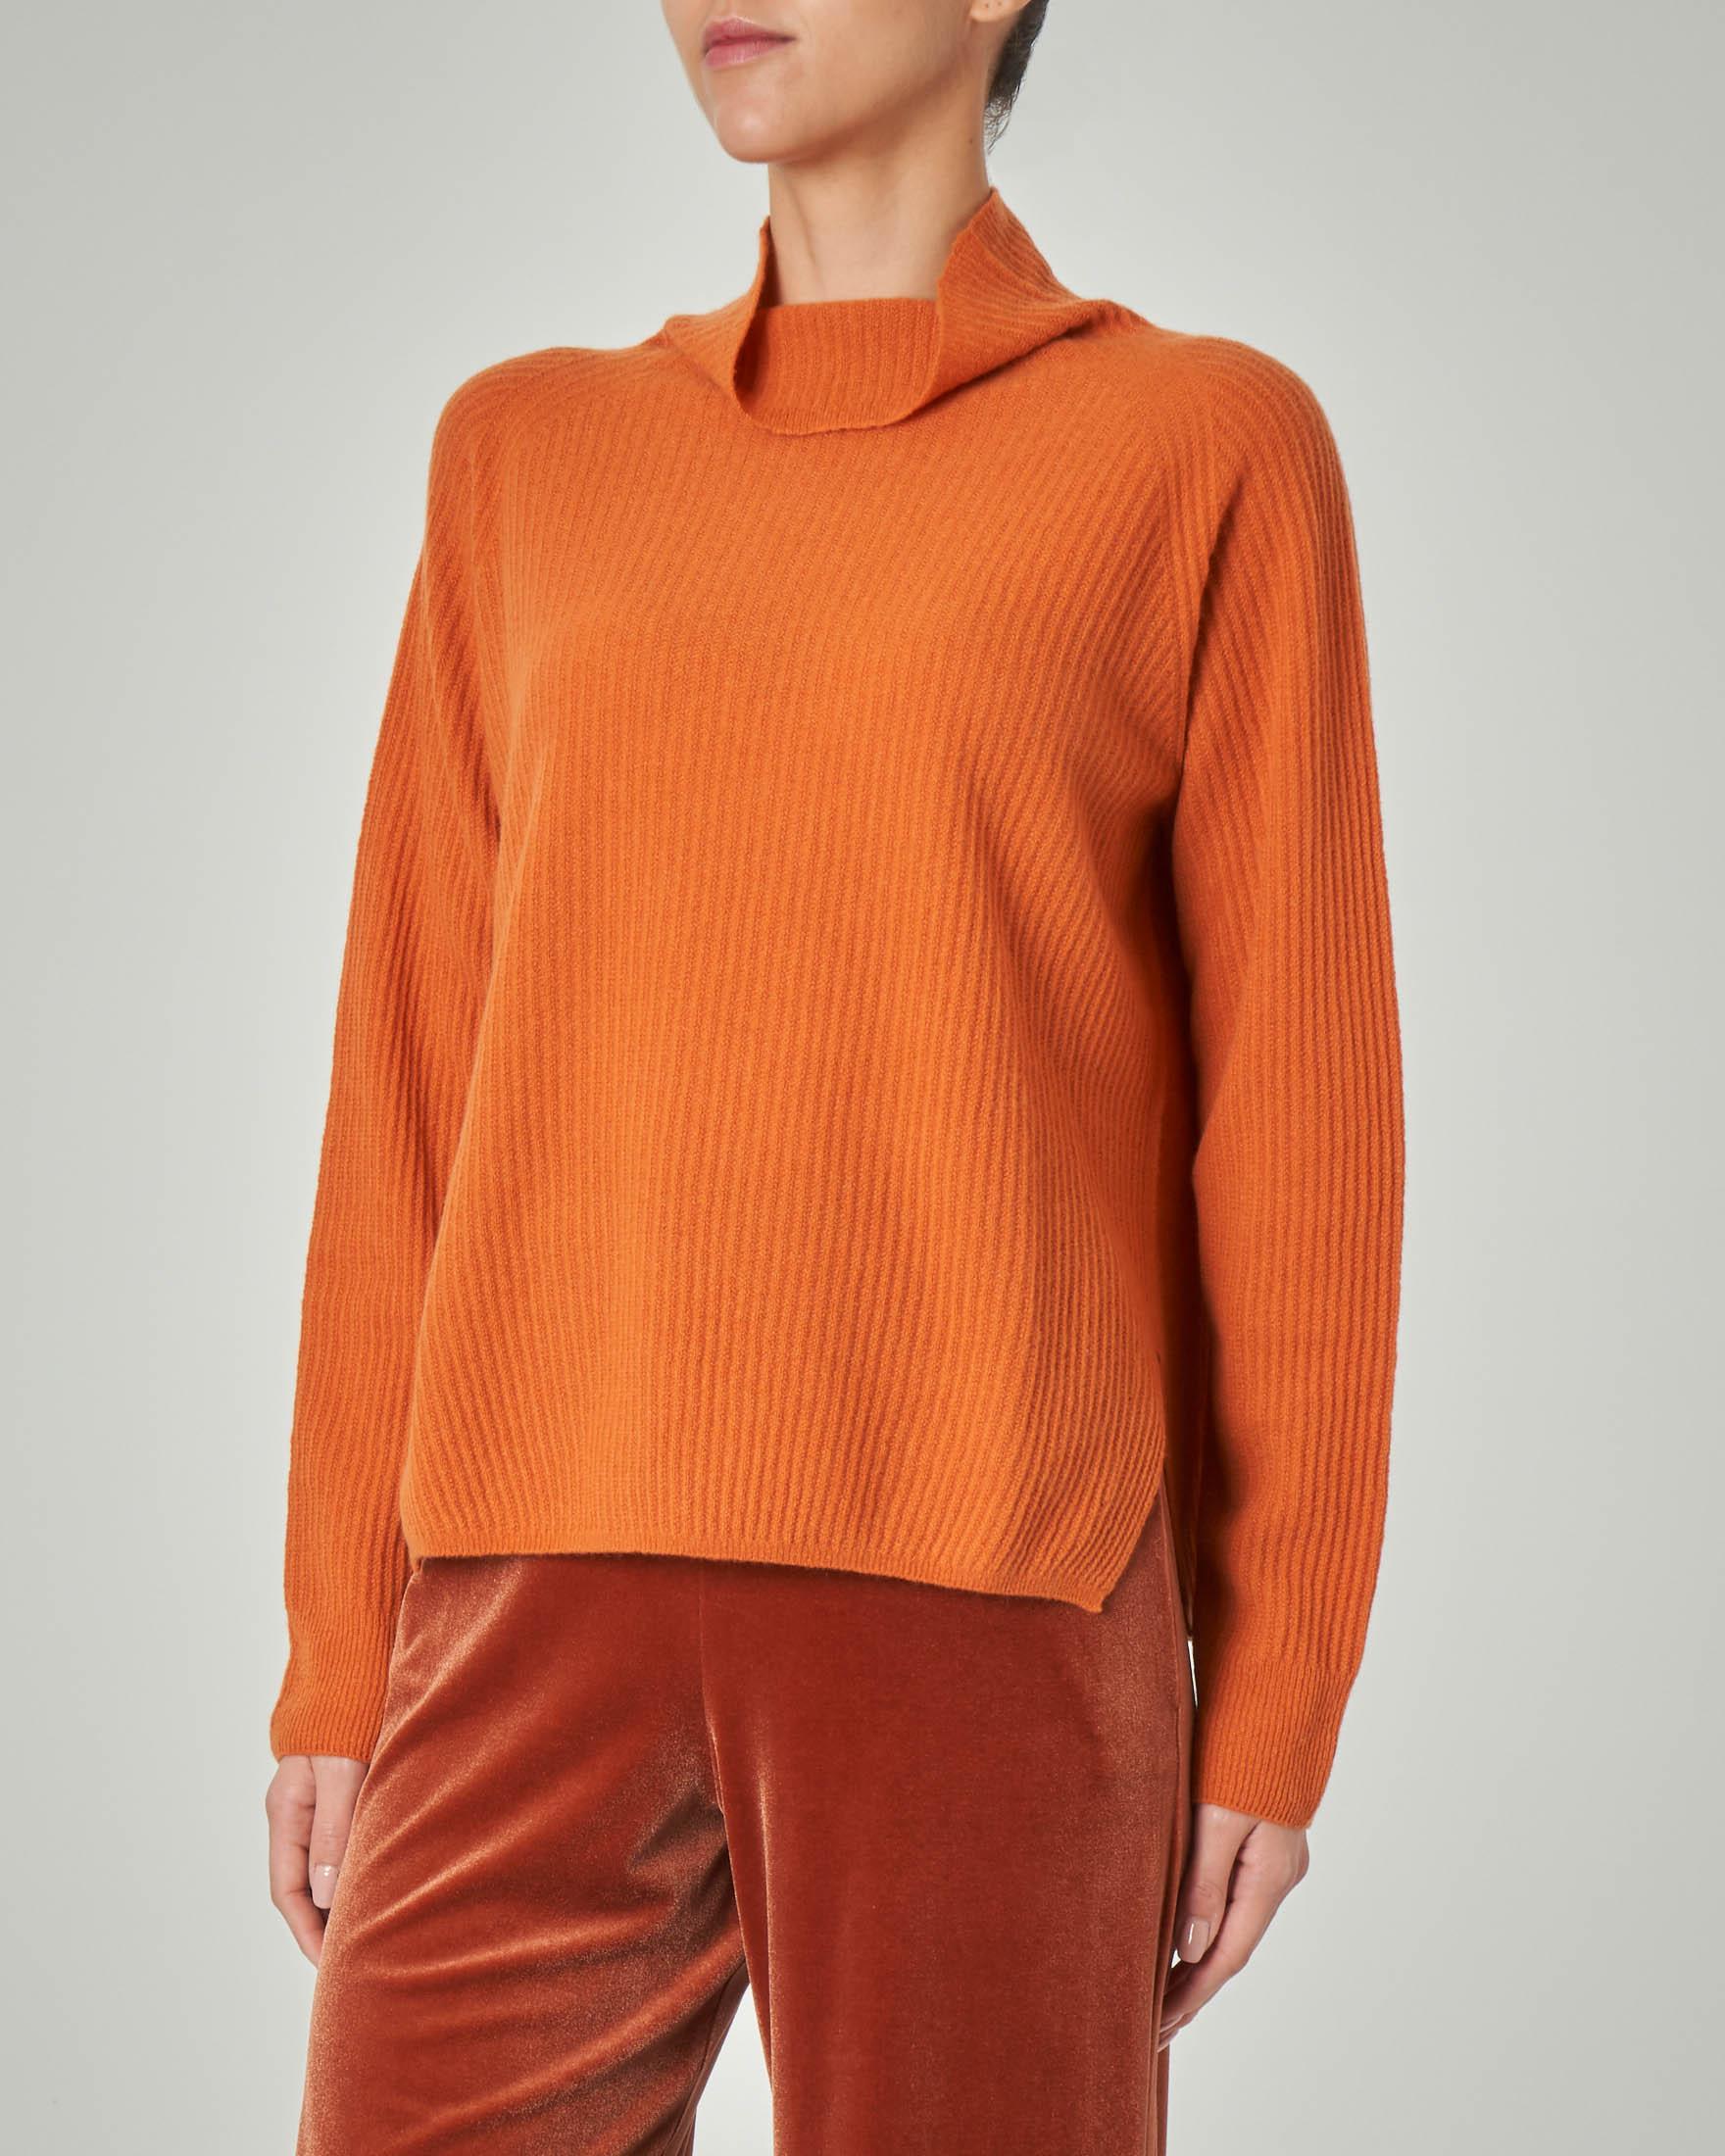 Maglia color ruggine in lana misto cashmere con colletto alto